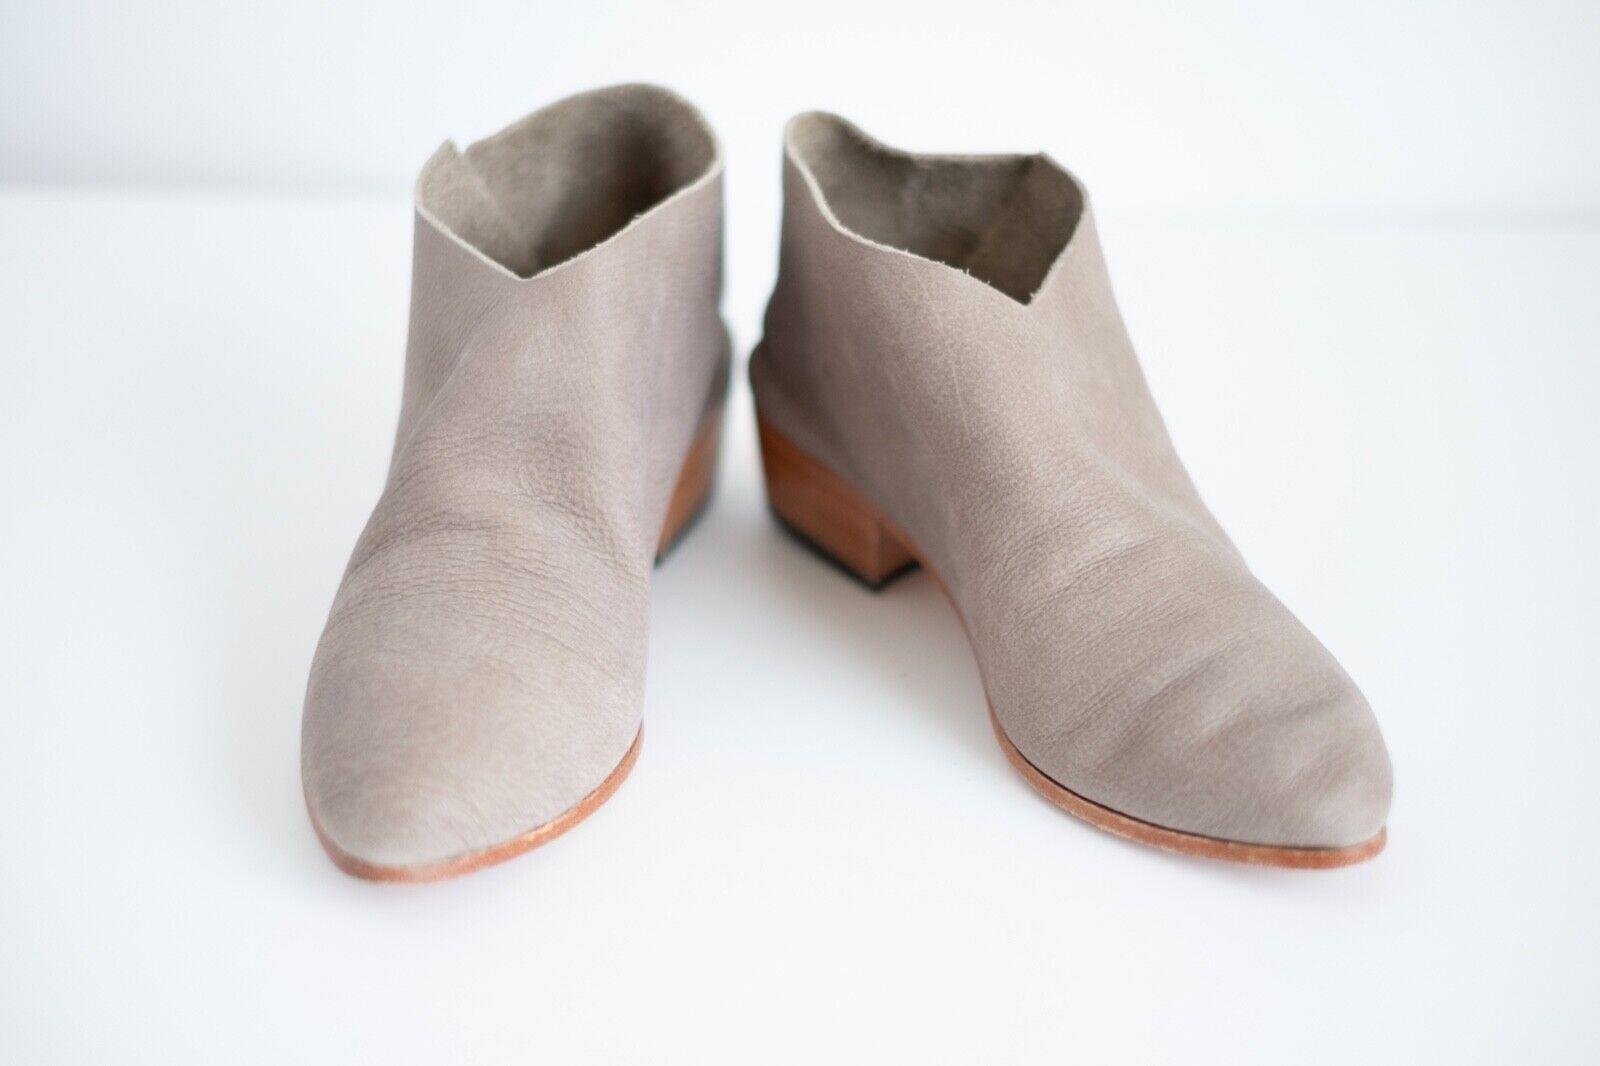 Elizabeth Suzanne Suzi Boot Womens Size 35 New with Box and Dustbag Limestone